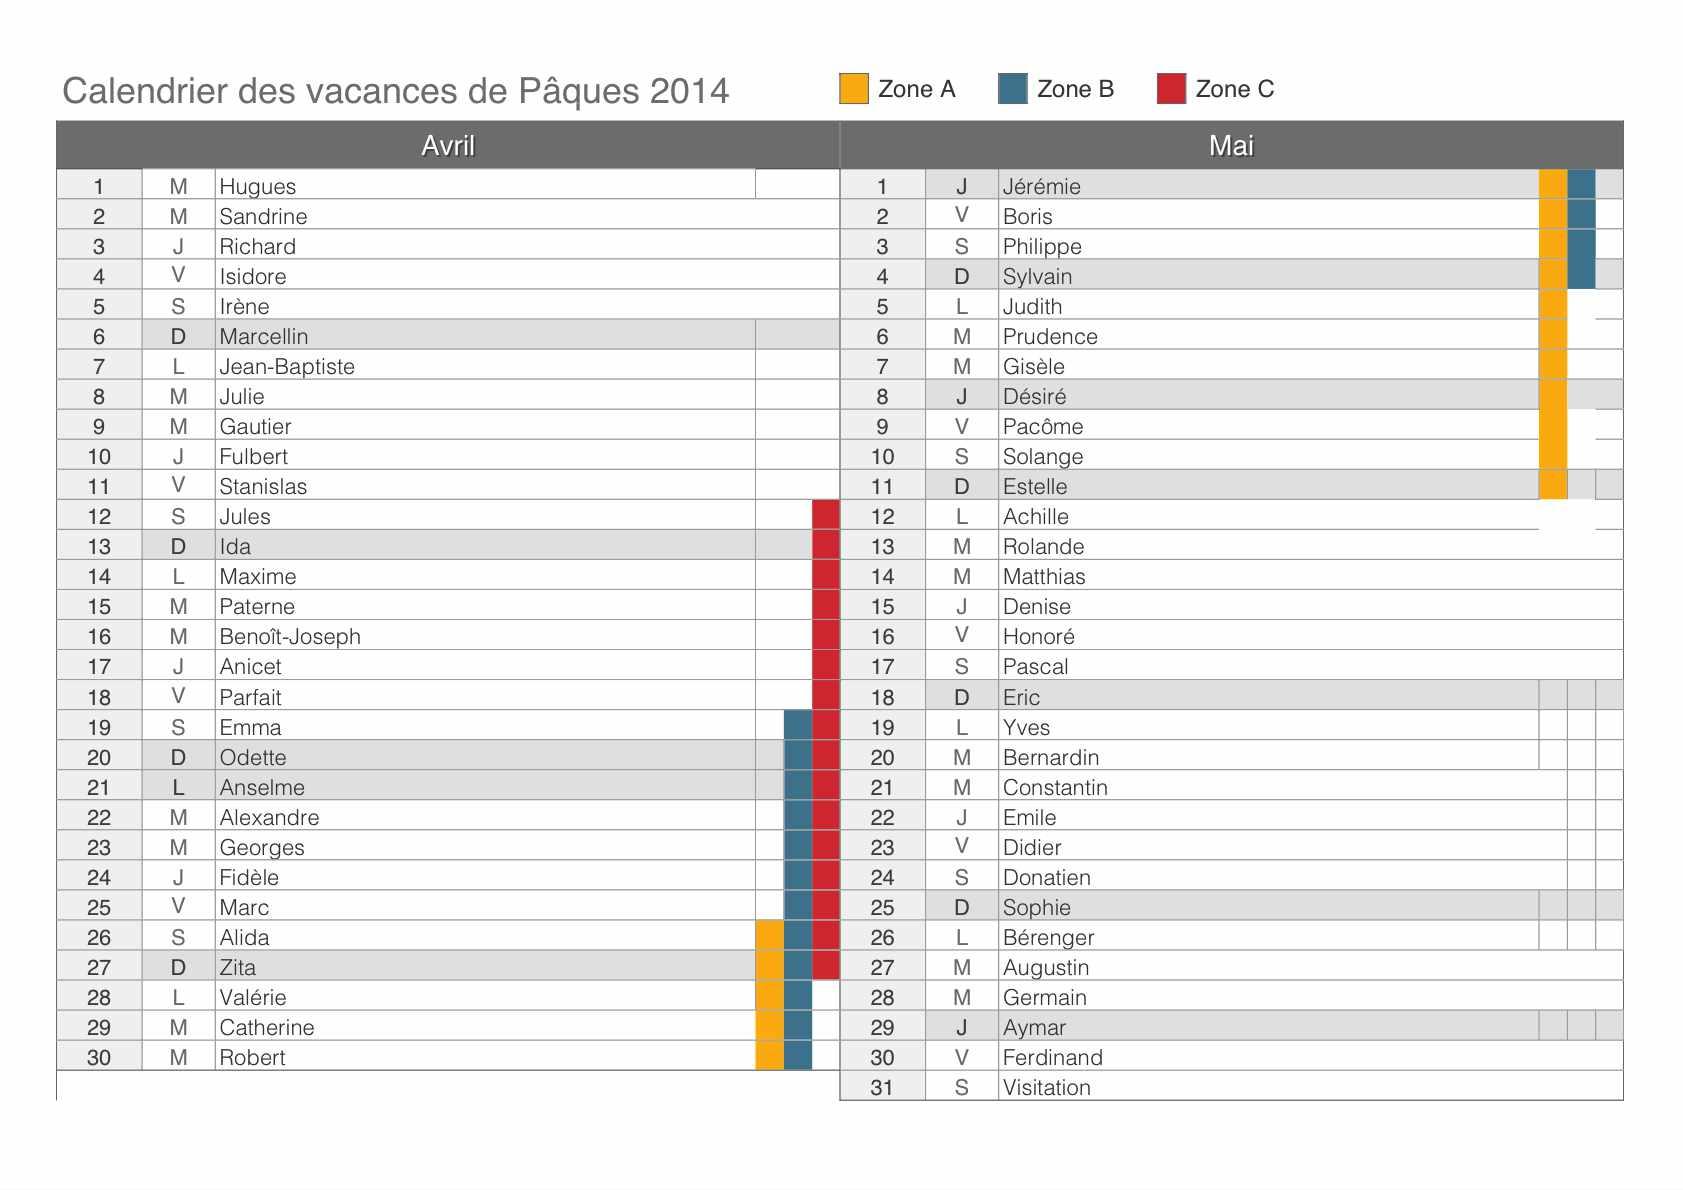 calendrier-vacances-2013-2014-paques